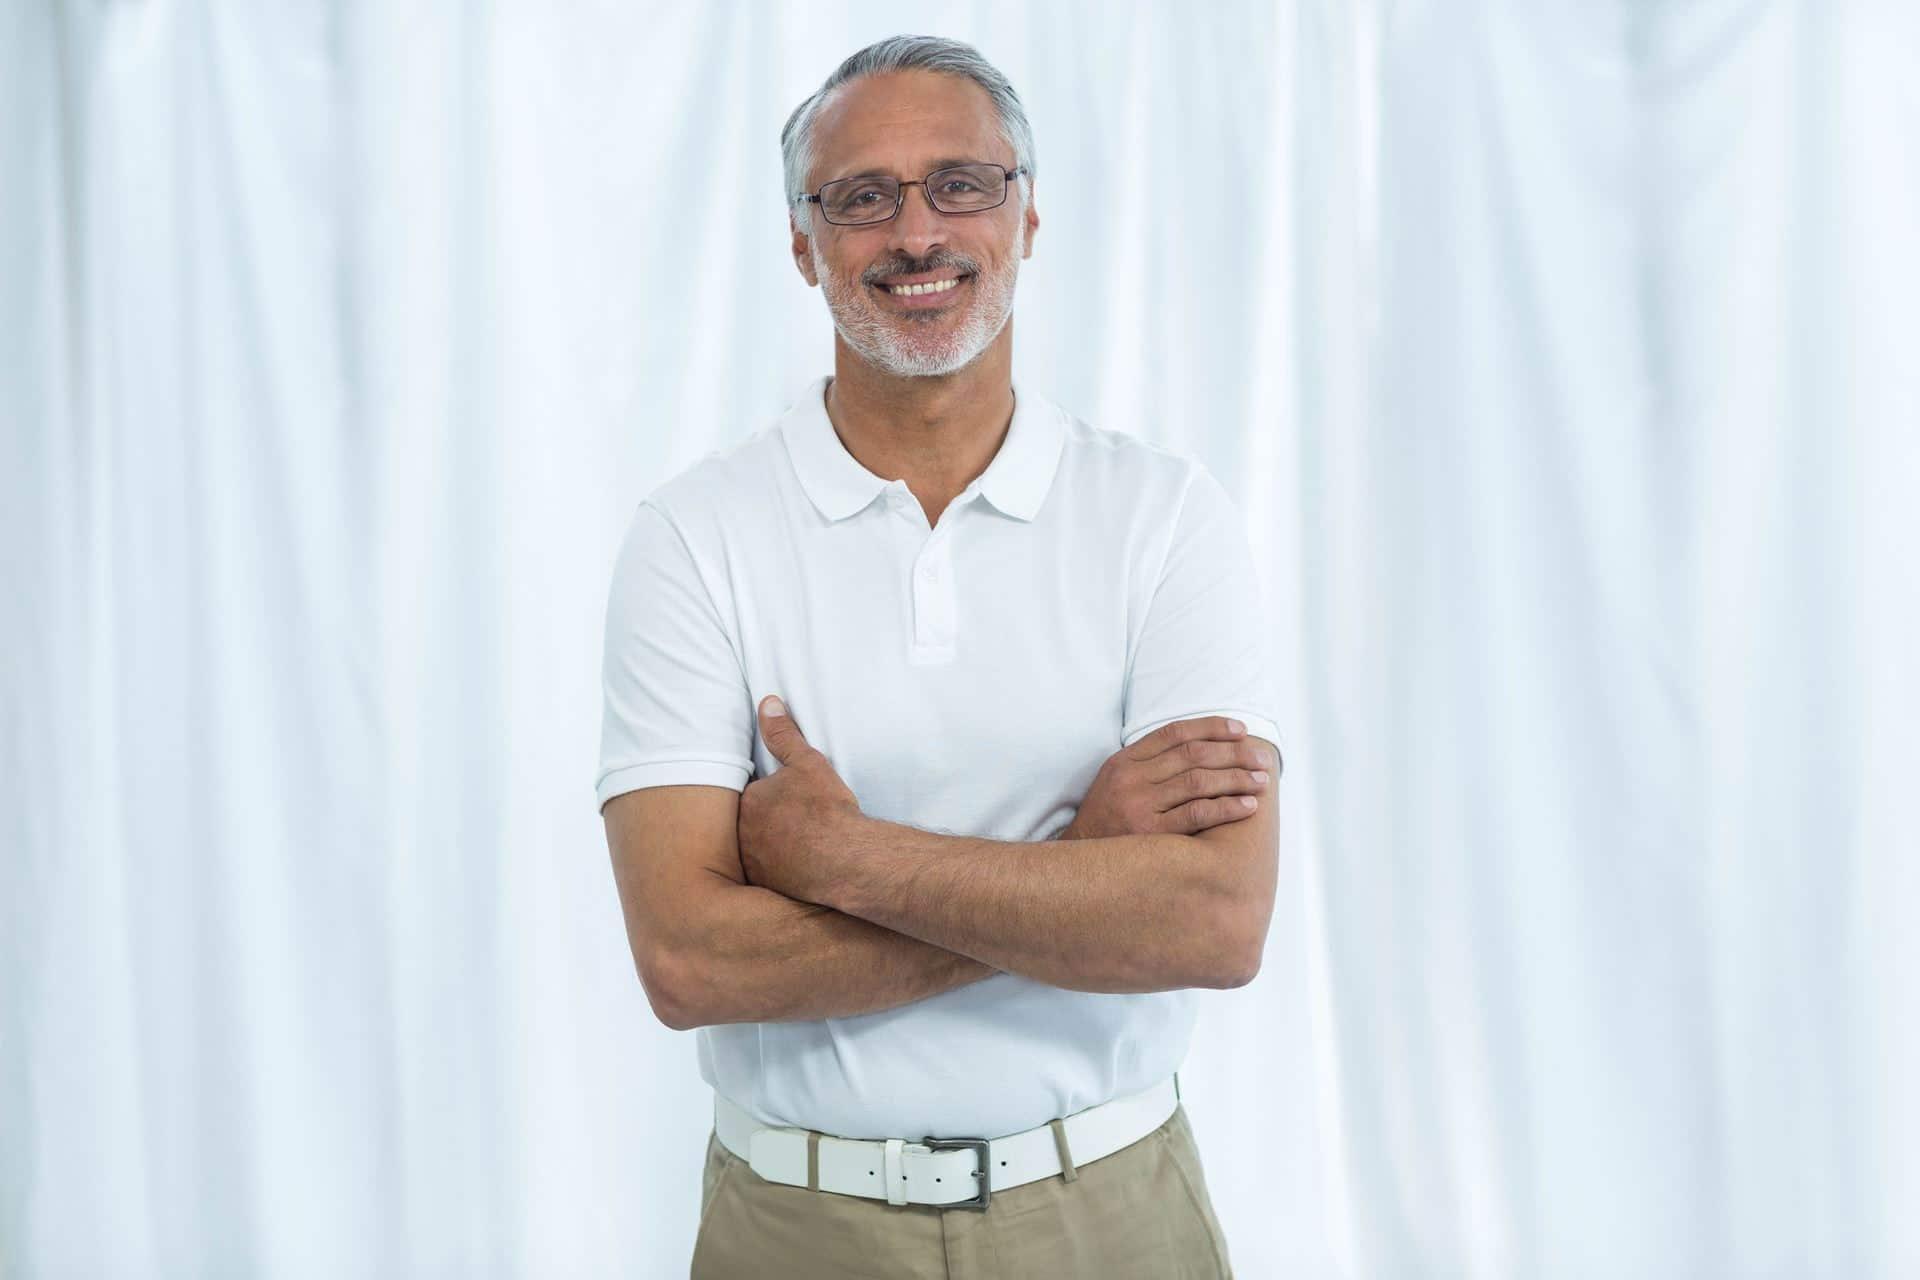 פיזיותרפיה פרטי מחיר - Restart Therapy מומחים בשיקום פרטי בבית הלקוח